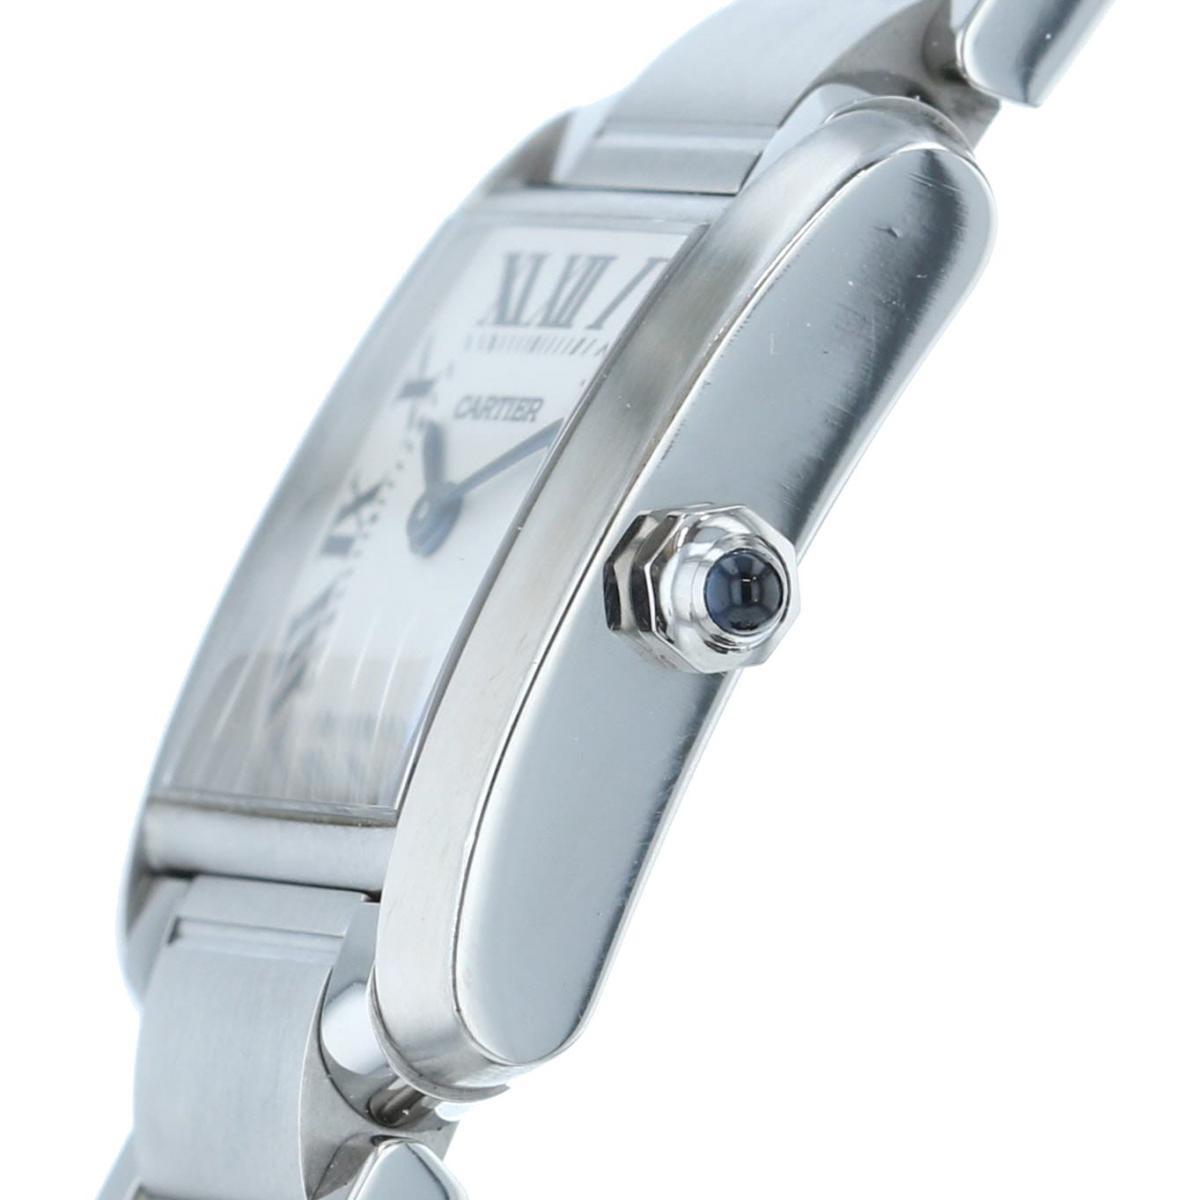 【中古】Cartier (カルティエ) タンクフランセーズSM 時計 クオーツ/レディース Tank Francaise White/ホワイト W51008Q3 used:A